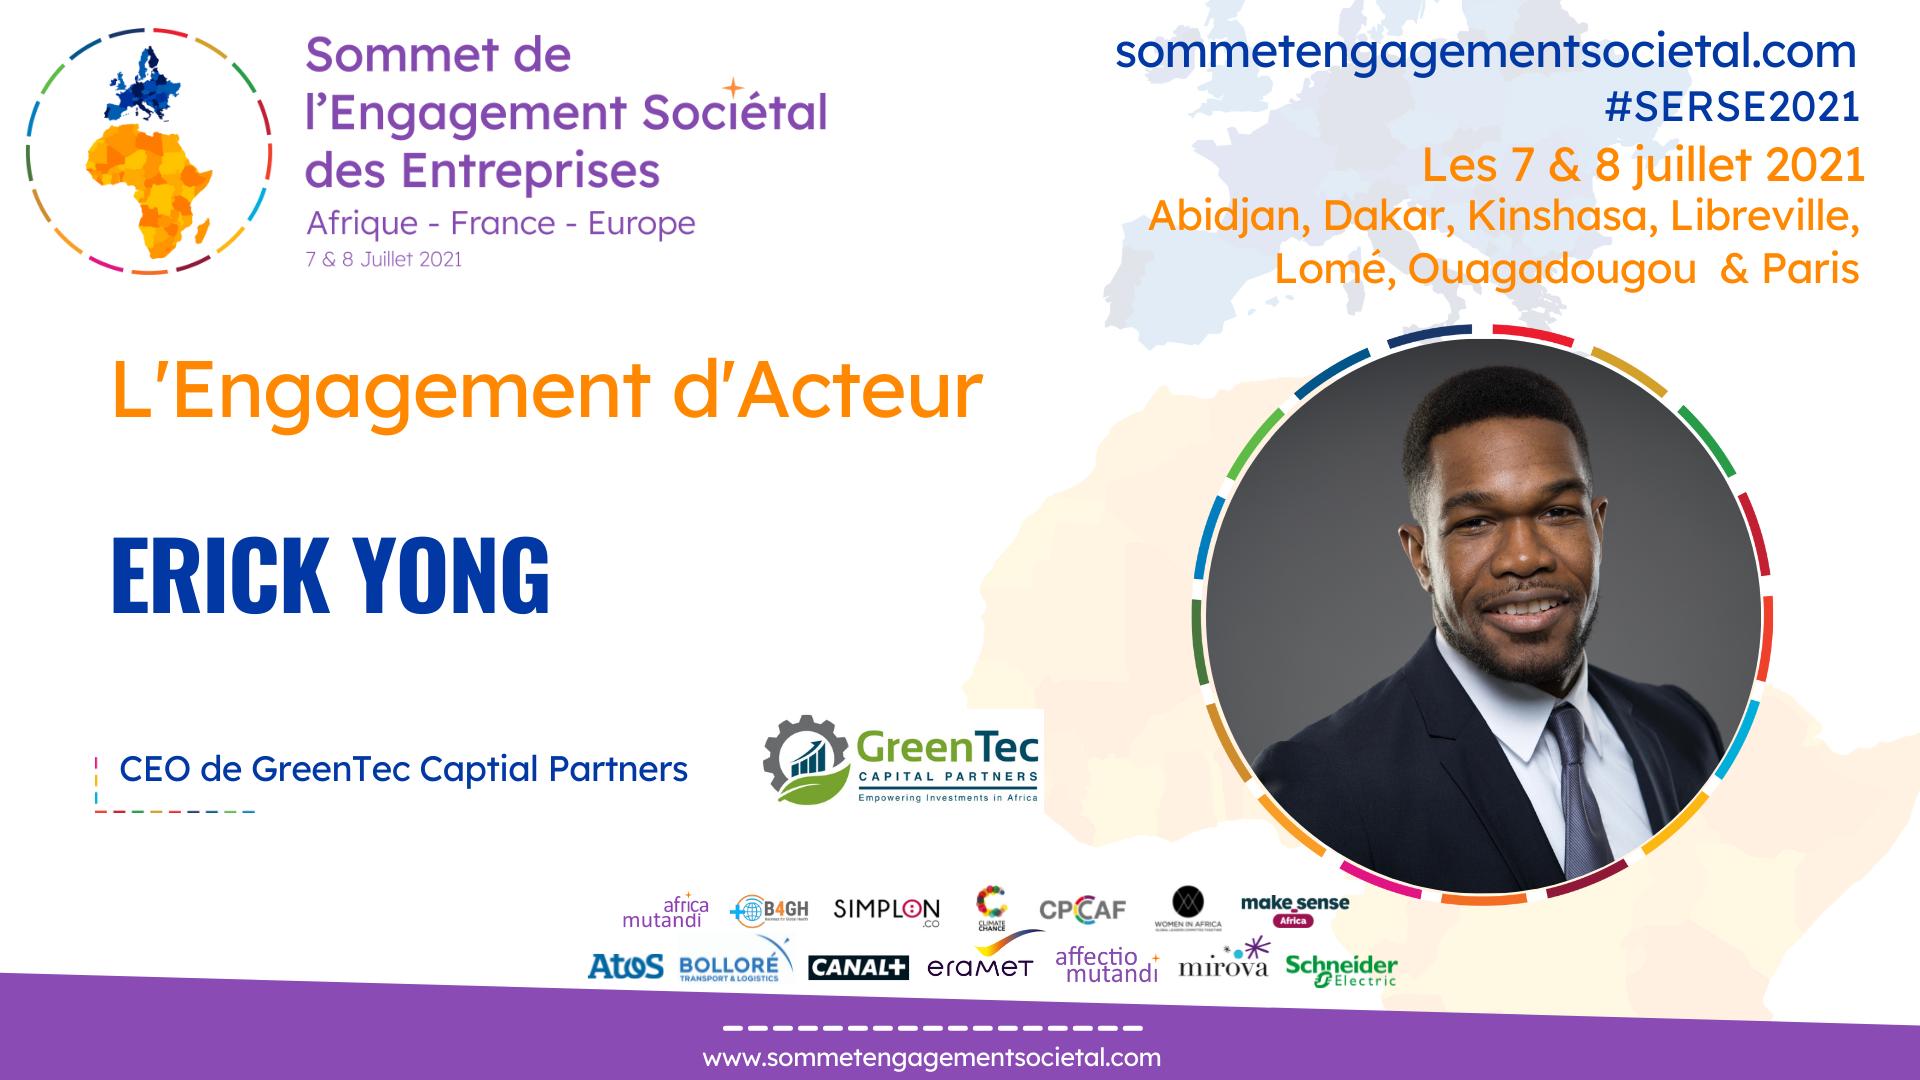 Erick Yong, soutient les entreprises innovantes et les infrastructures digitales